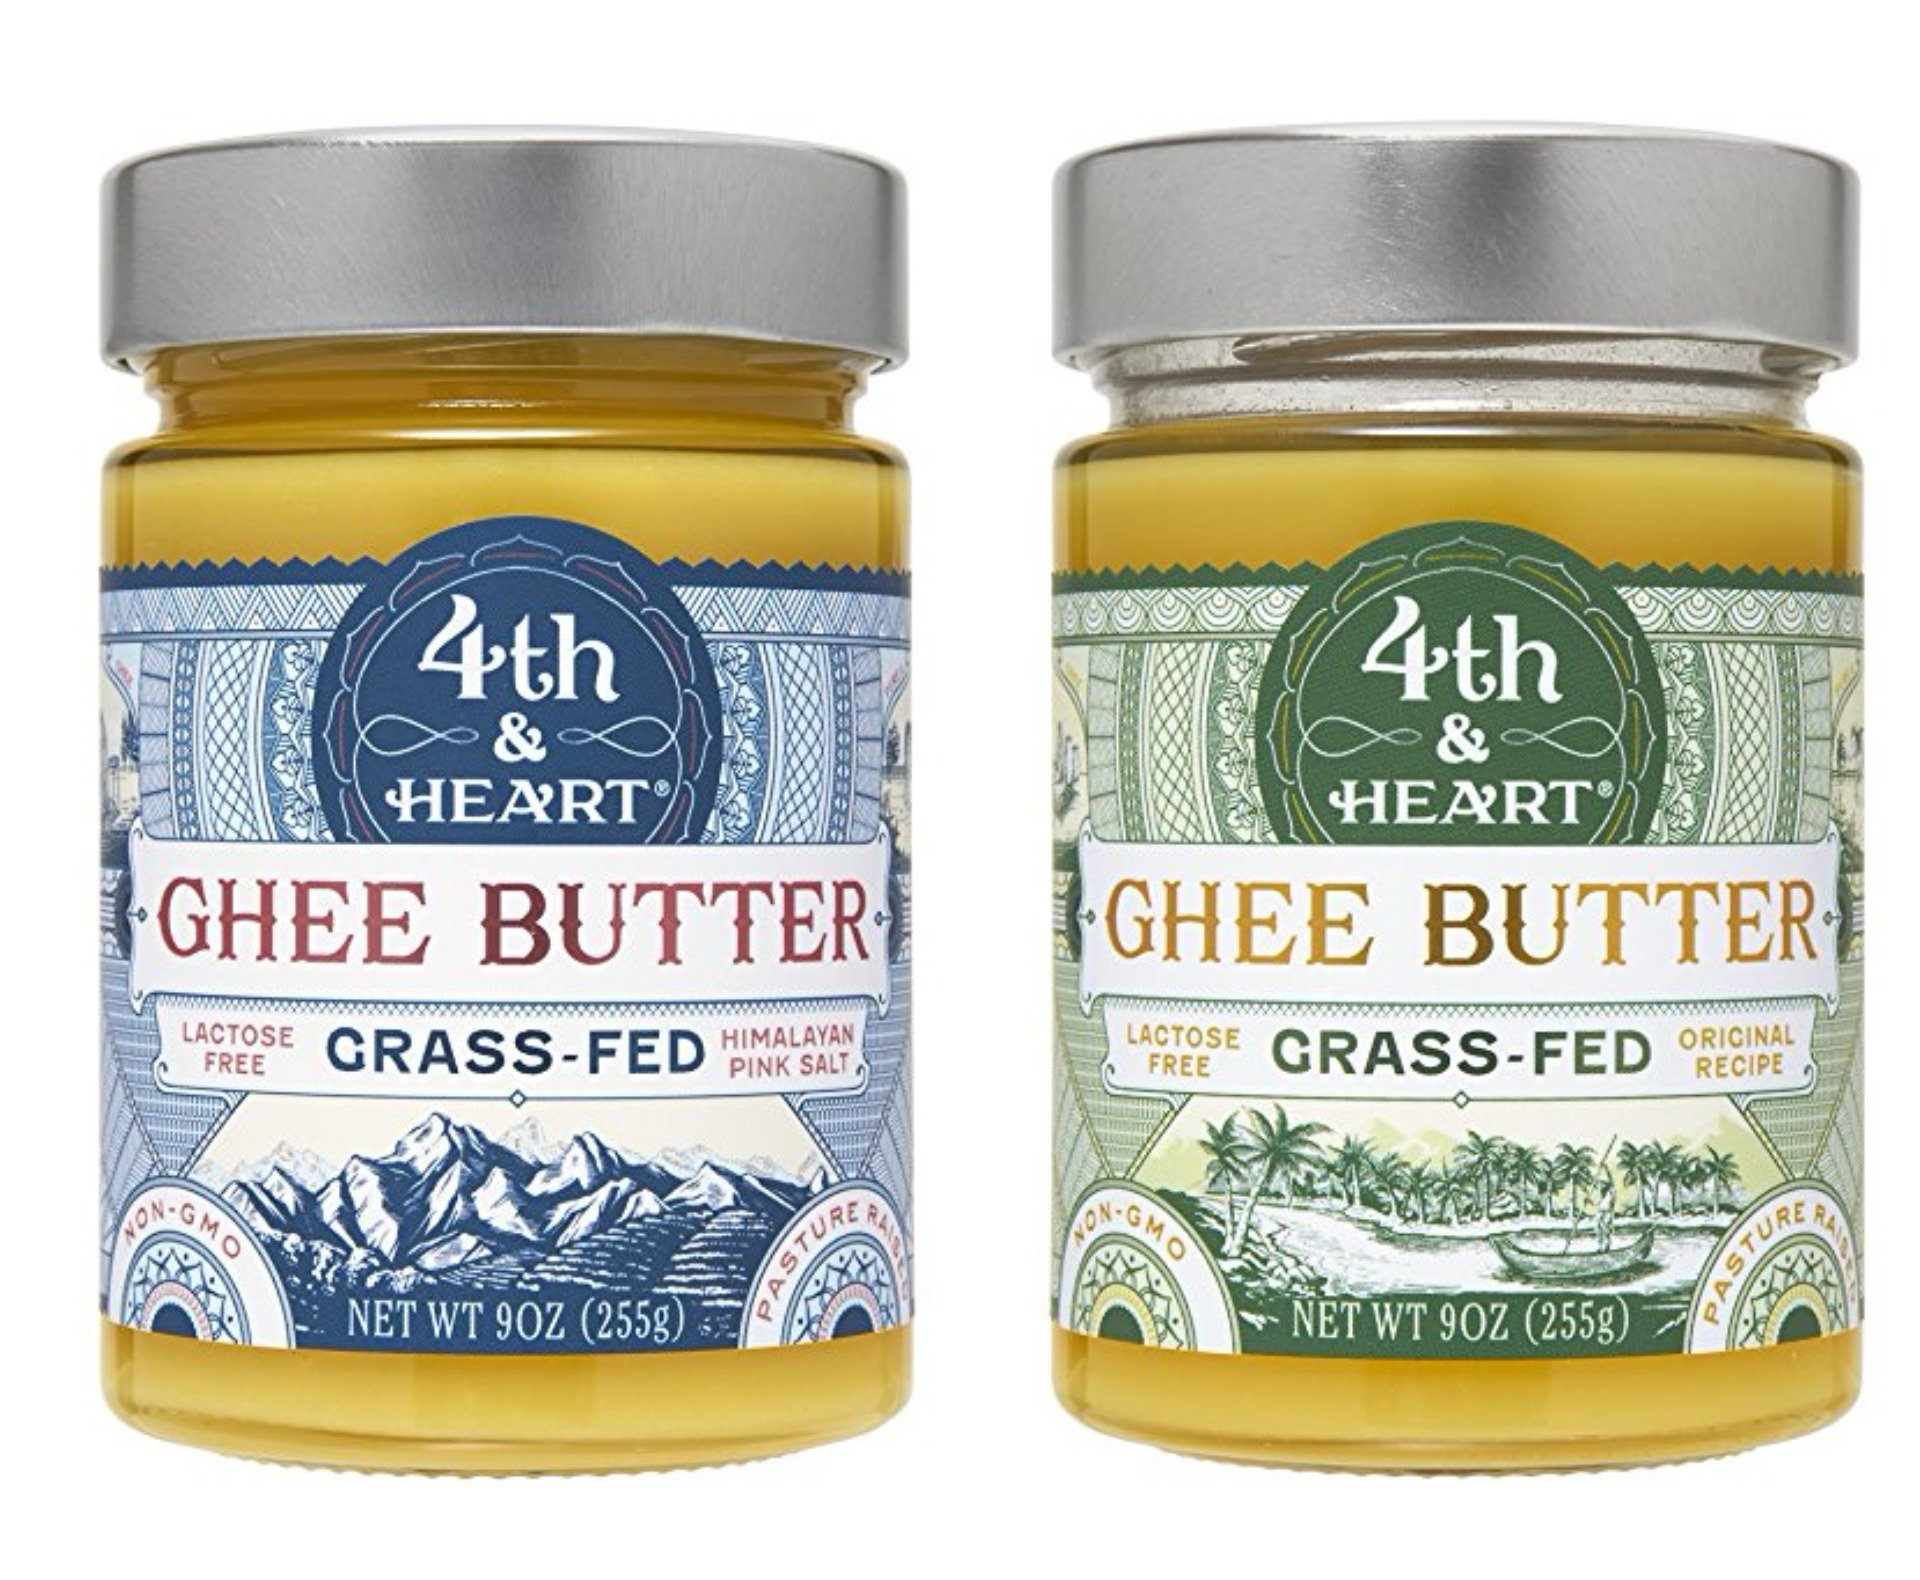 4th & Heart Grass-Fed Ghee Butter Variety Pack of 2, Each 9 Ounce (Original & Himalayan Pink Salt)